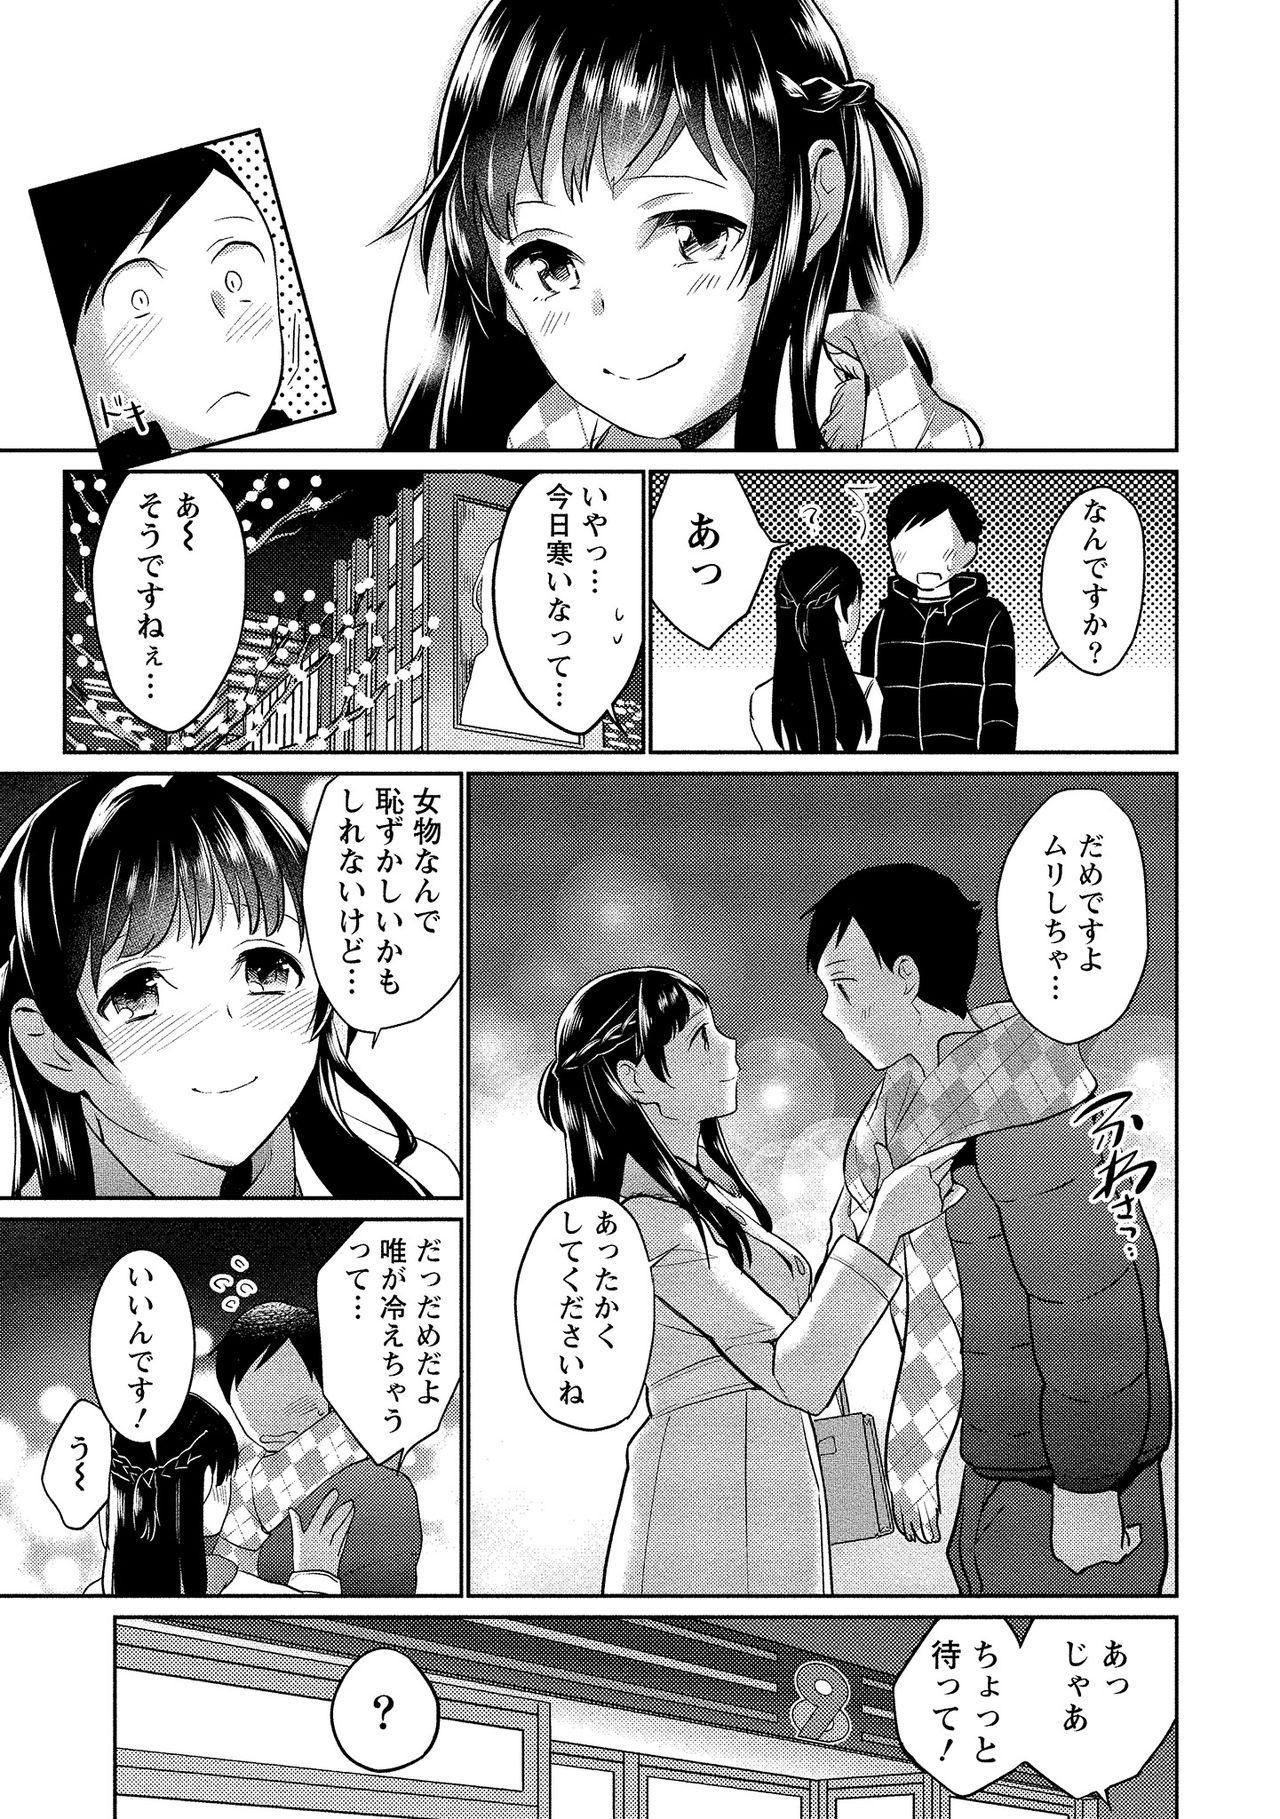 Dorobou Neko wa Kanojo no Hajimari 99